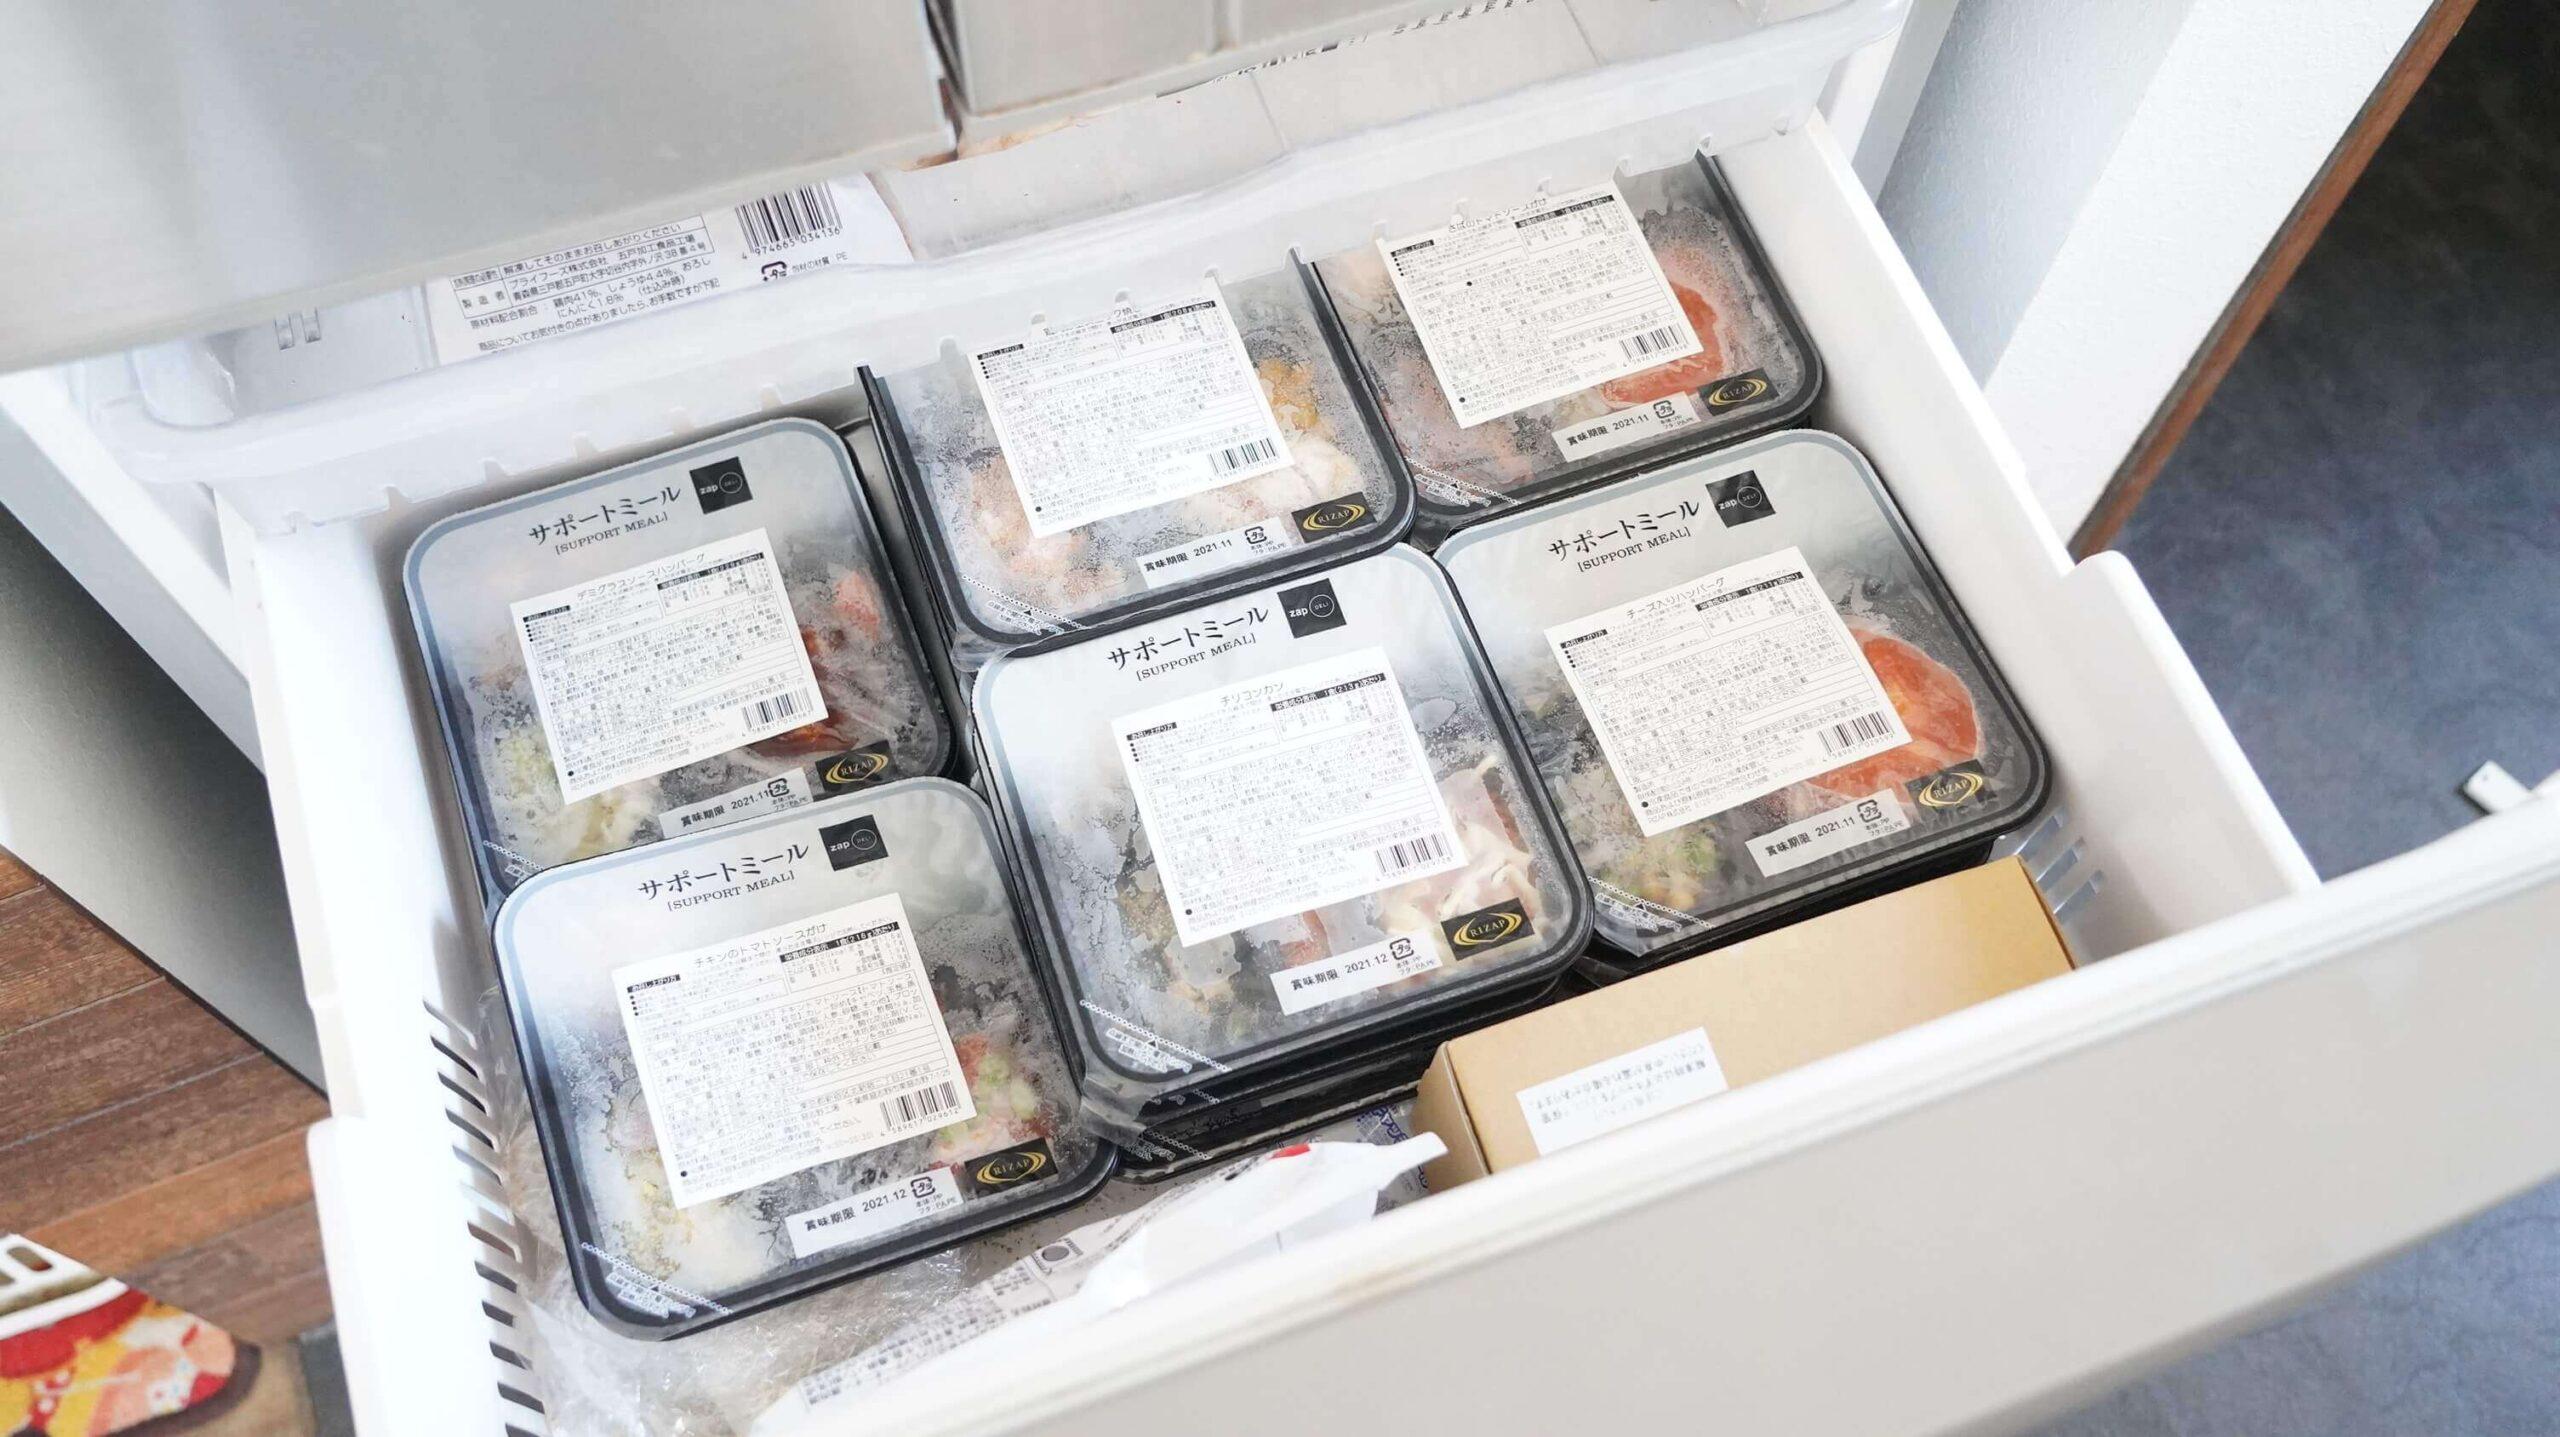 ライザップ(RIZAP)で食事制限してダイエットする際に使う宅食用ボディメイク冷凍弁当「サポートミール」(健康食品)が冷凍庫に並んでいる写真